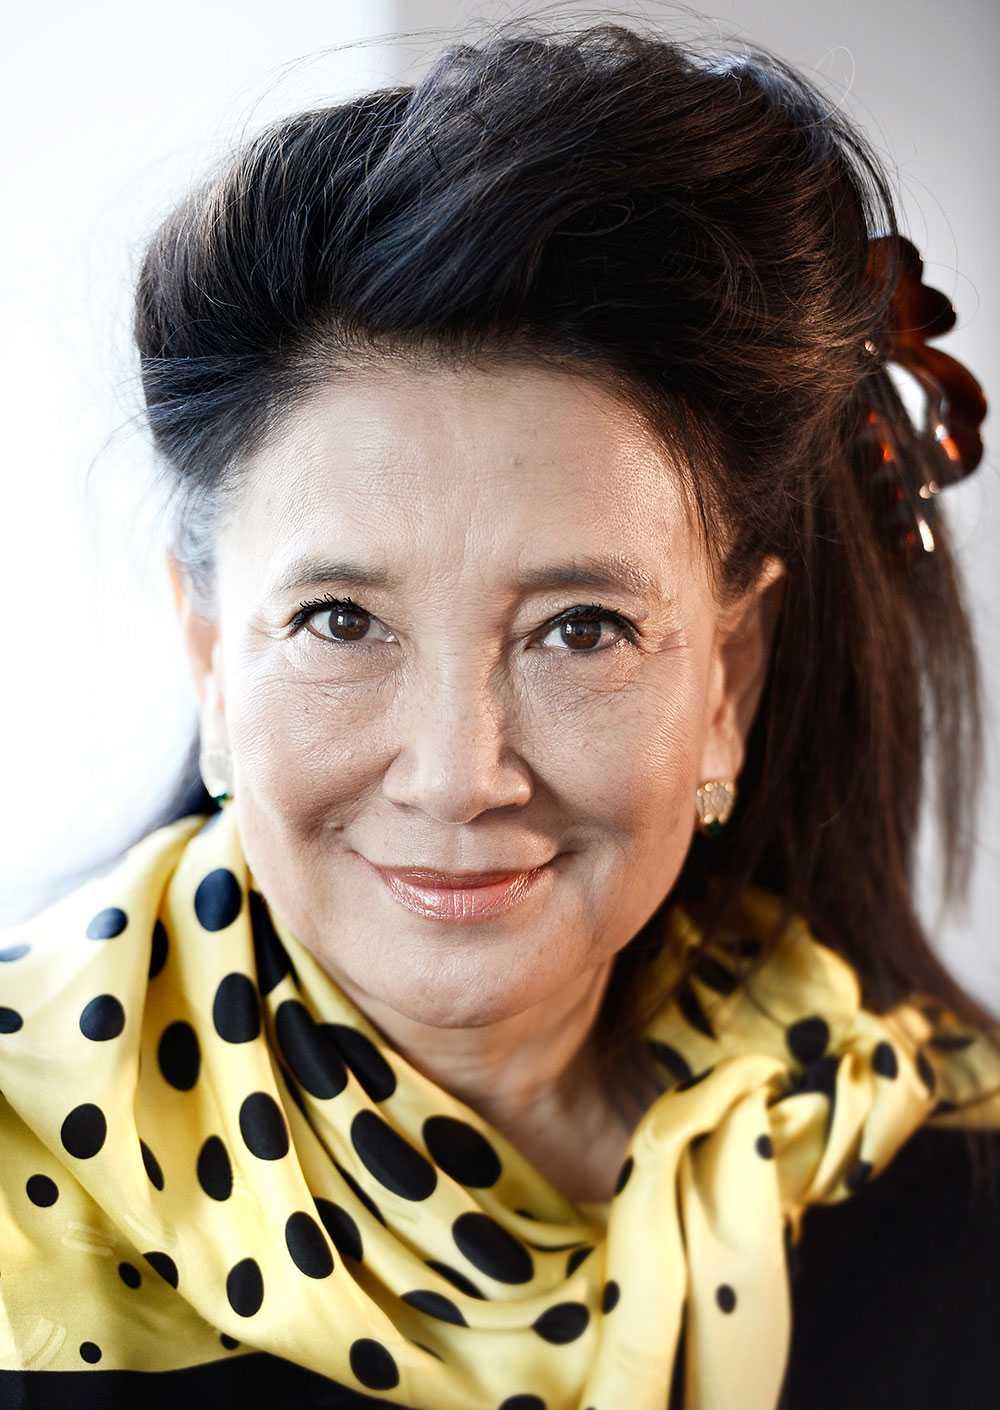 Jung Chang kom från Kina till England genom ett stipendium 1978. – Jag känner mig internationell, för jag har vänner från hela världen. Jag älskar Storbritannien, det är mitt hem. Men jag bryr mig om Kina och är upprörd över hur folket där lidit.